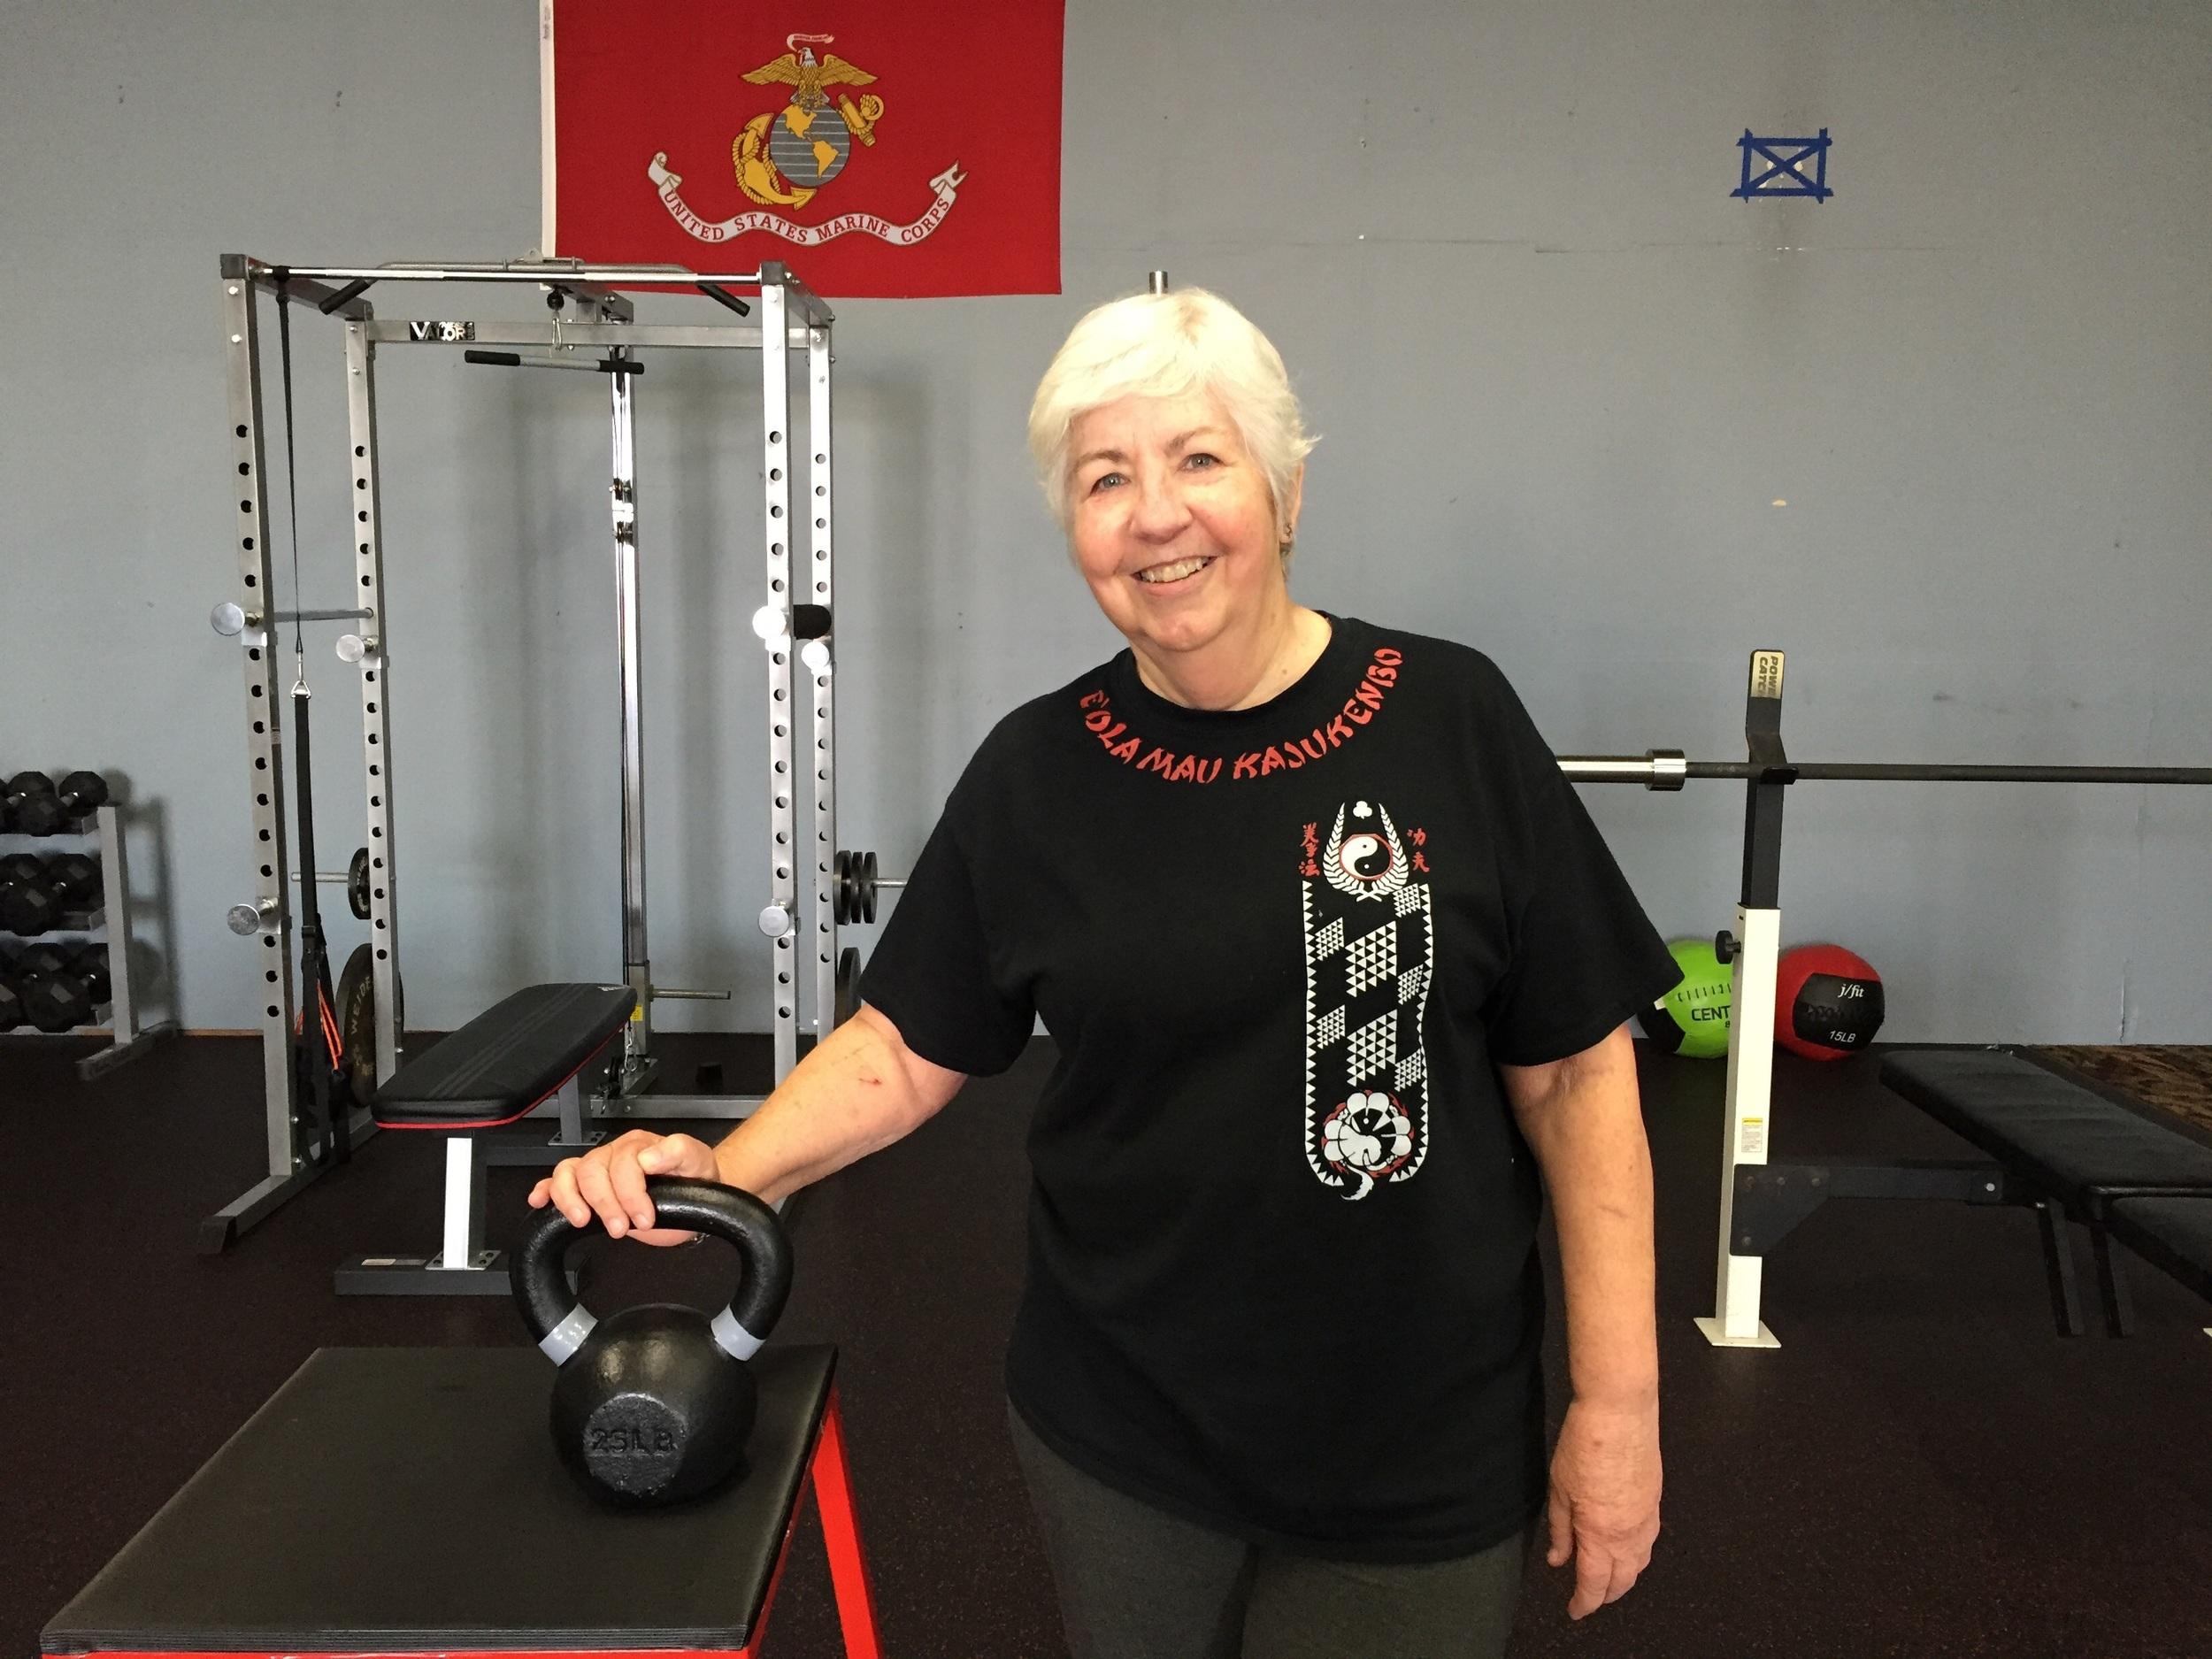 Kettle bell swings for body transformation!